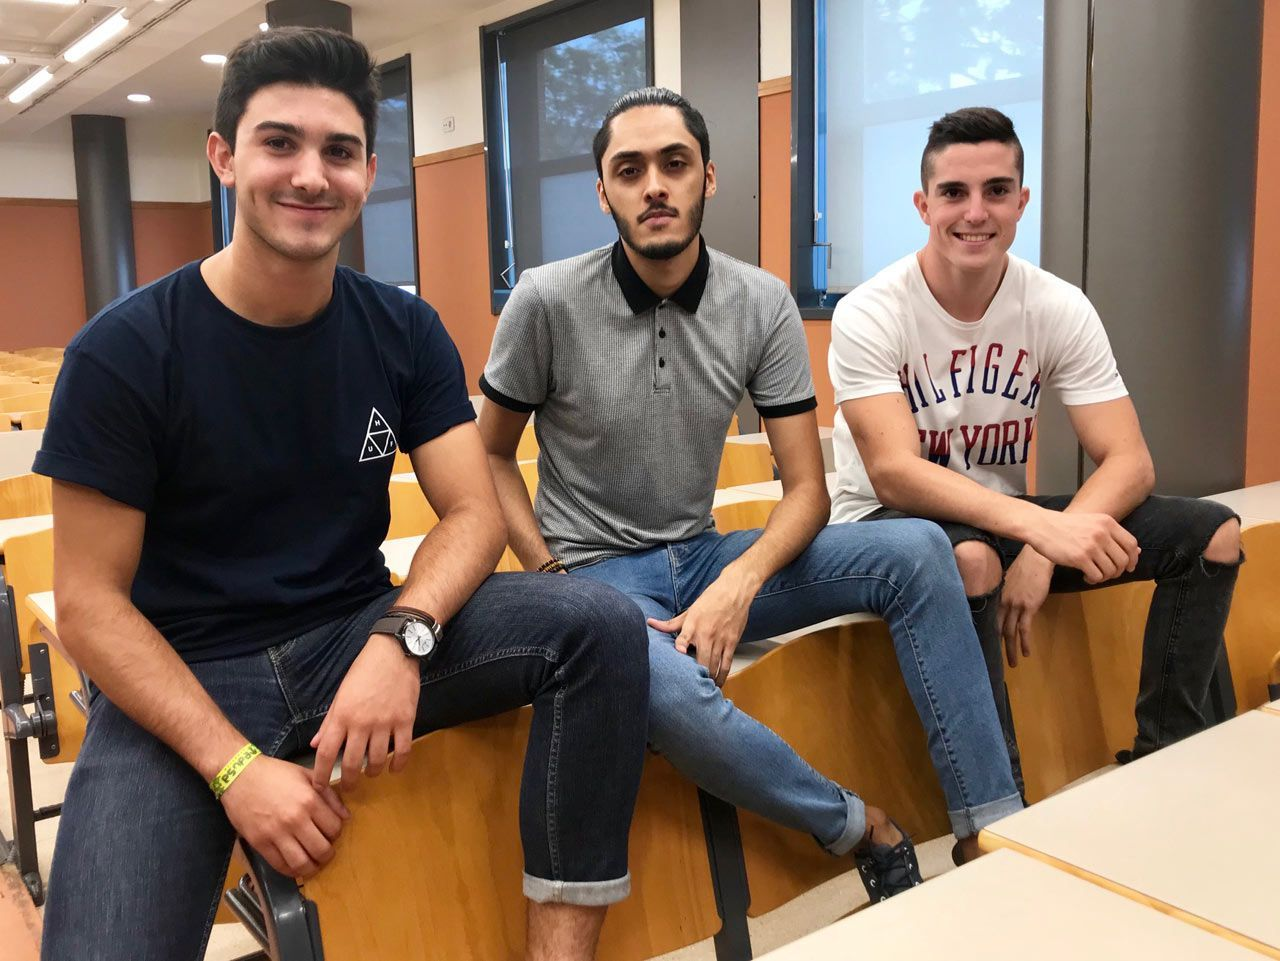 Pablo, Alonso y Dani, tres amigos que se han conocido en sus primeros días en la Universidad